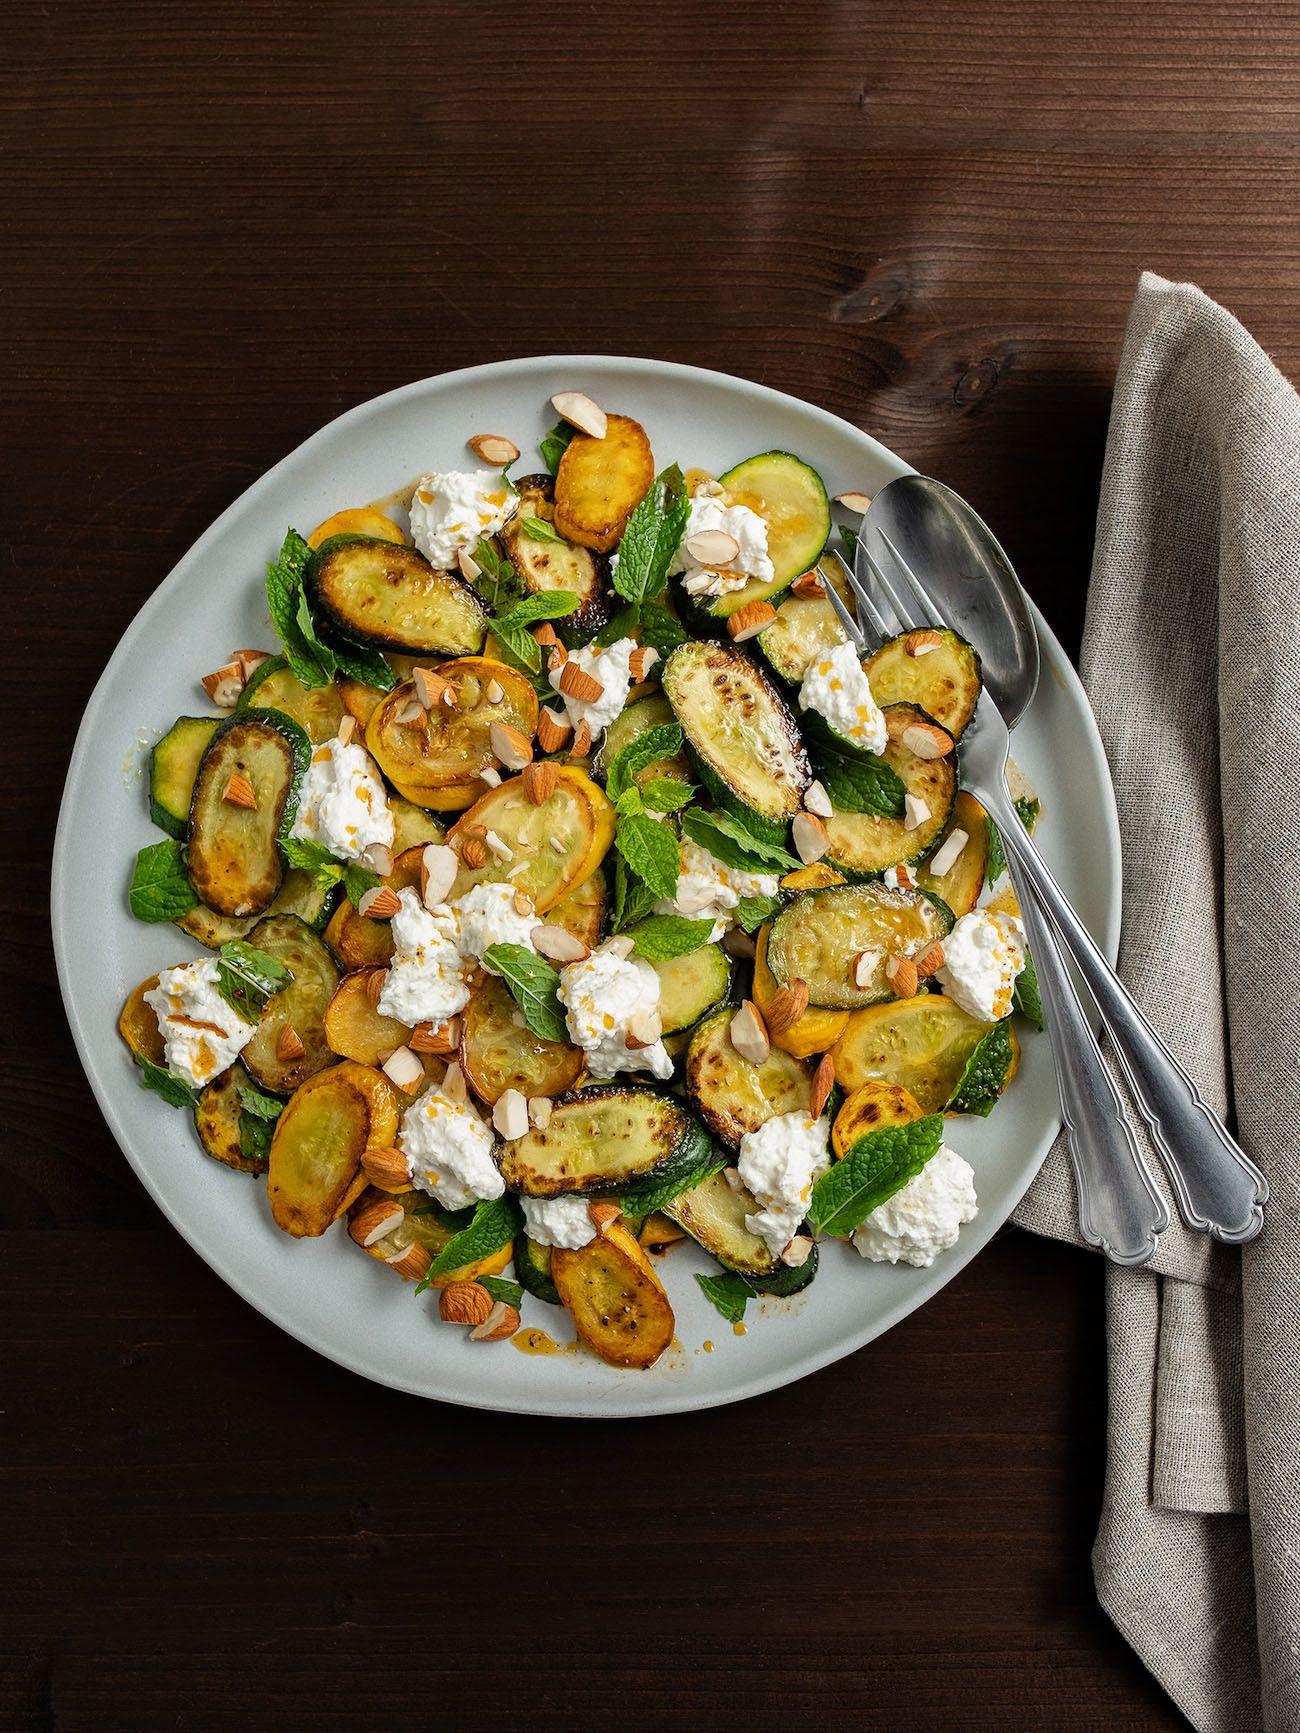 Zucchinisalat mit Ricotta, Mandeln und Minze, Serviette, Besteck